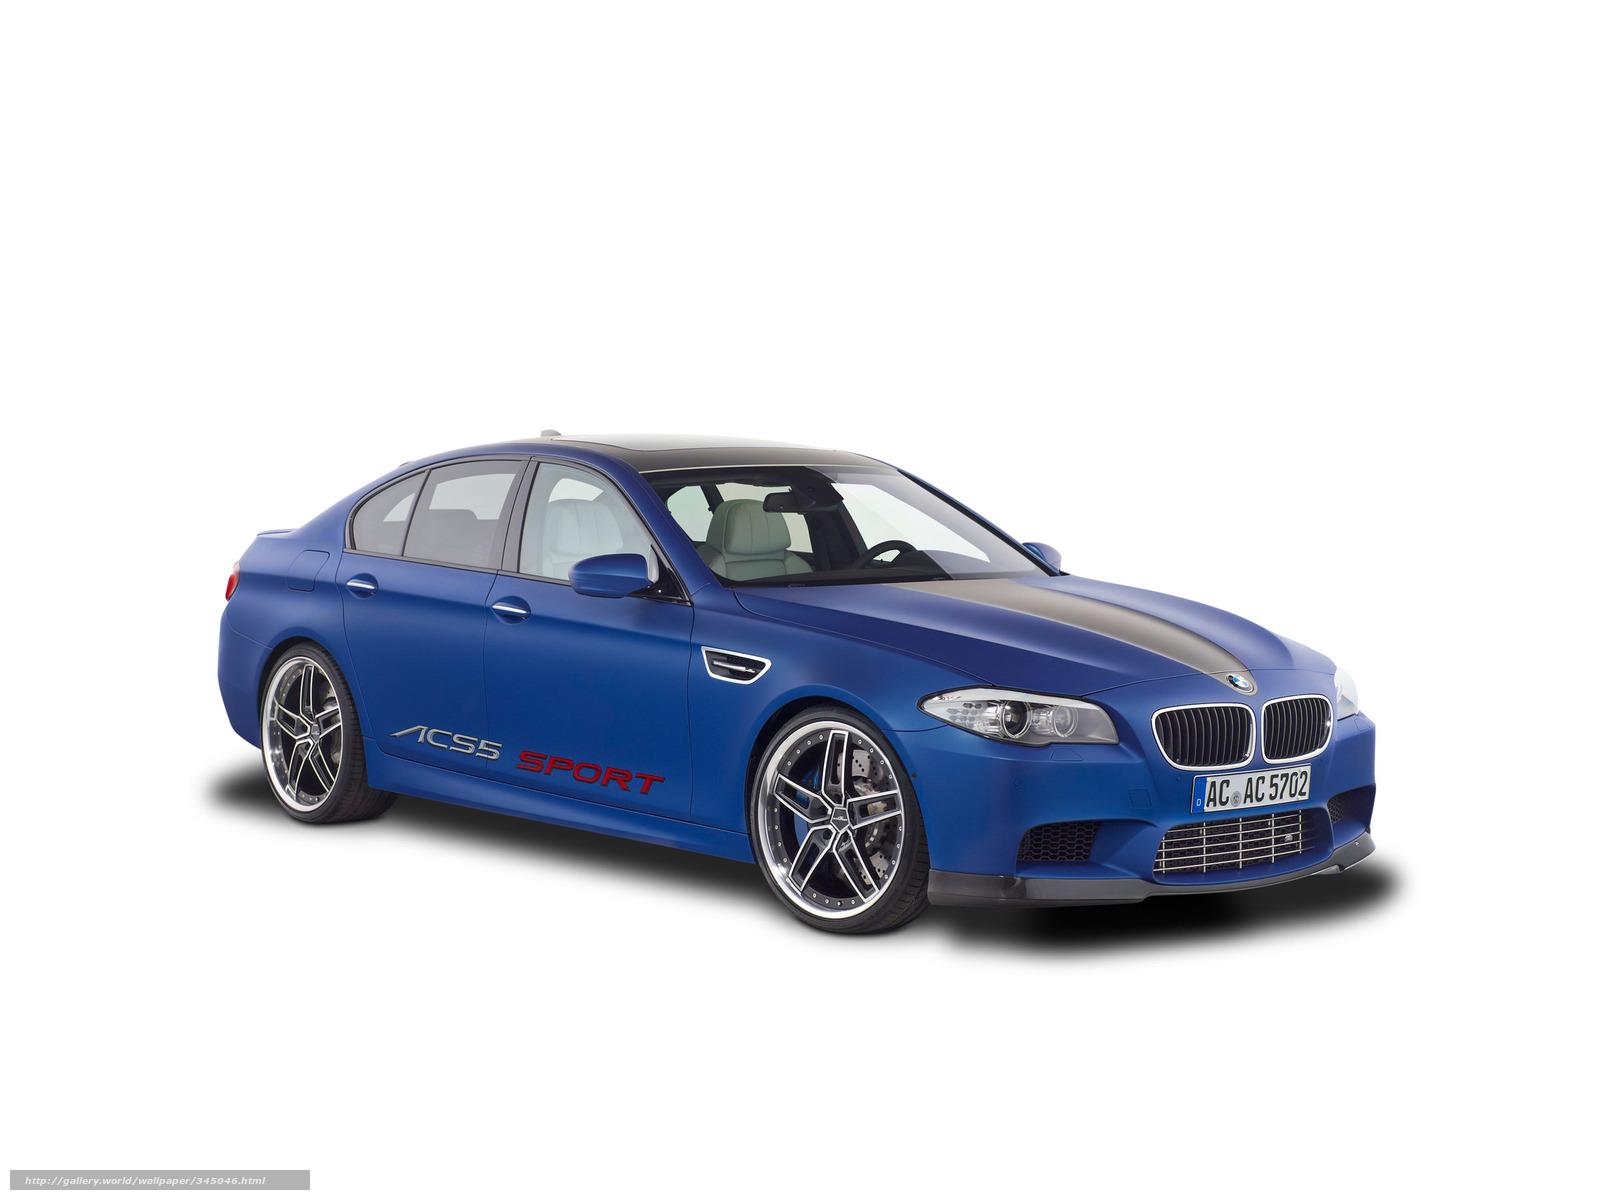 Download Hintergrund BMW,  M5,  Abstimmung Freie desktop Tapeten in der Auflosung 2400x1800 — bild №345046